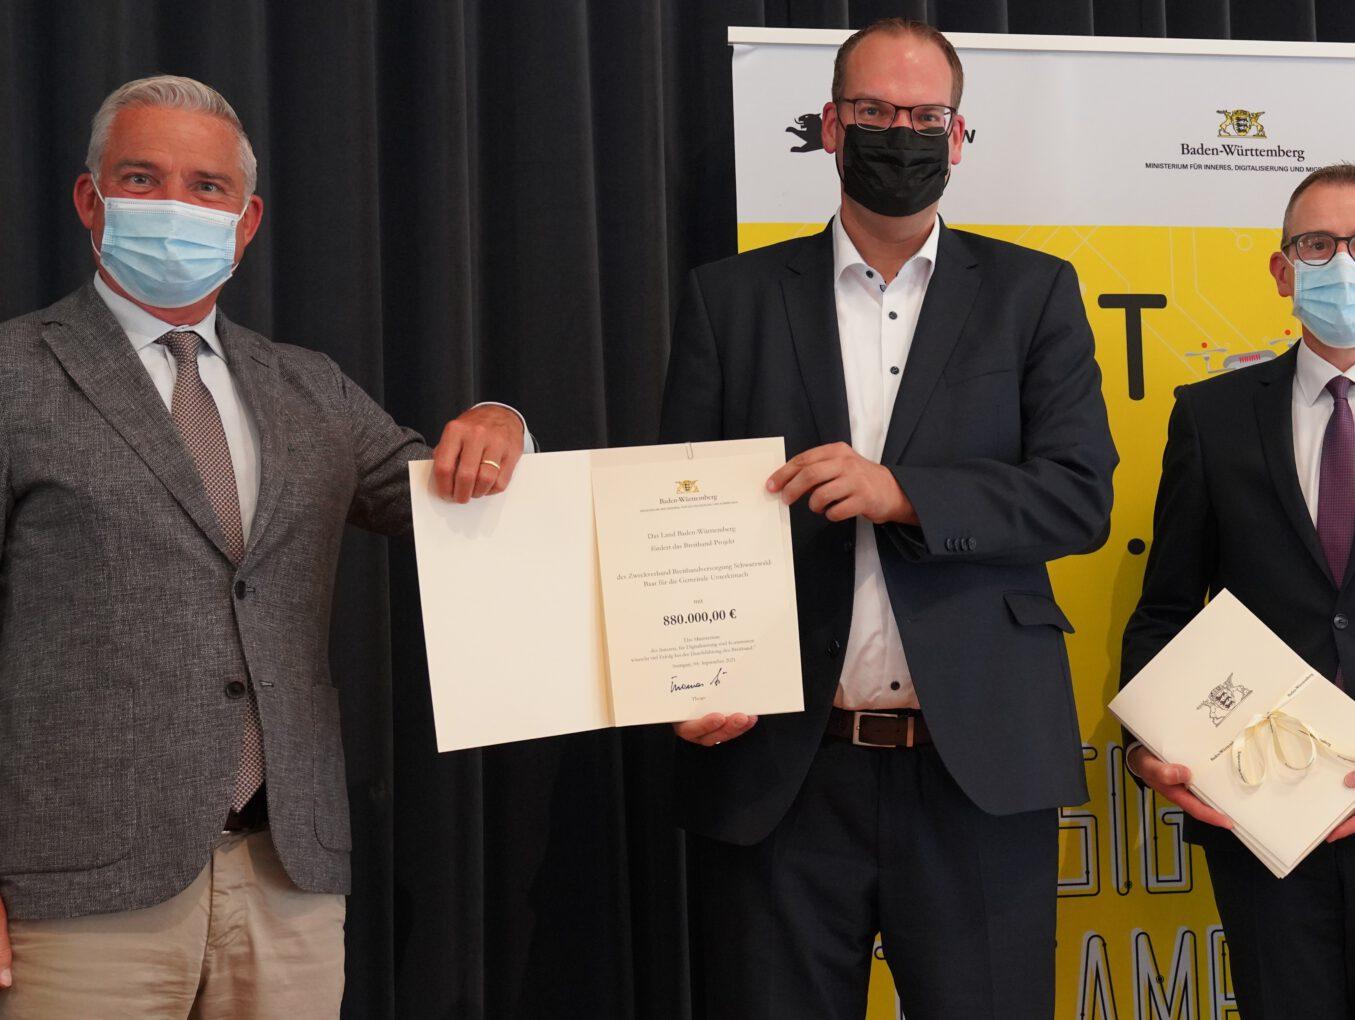 Das Land Baden-Württemberg fördert Unterkirnacher Ausbauprojekt des Zweckverbands Breitbandversorgung Schwarzwald-Baar mit 880.000 Euro